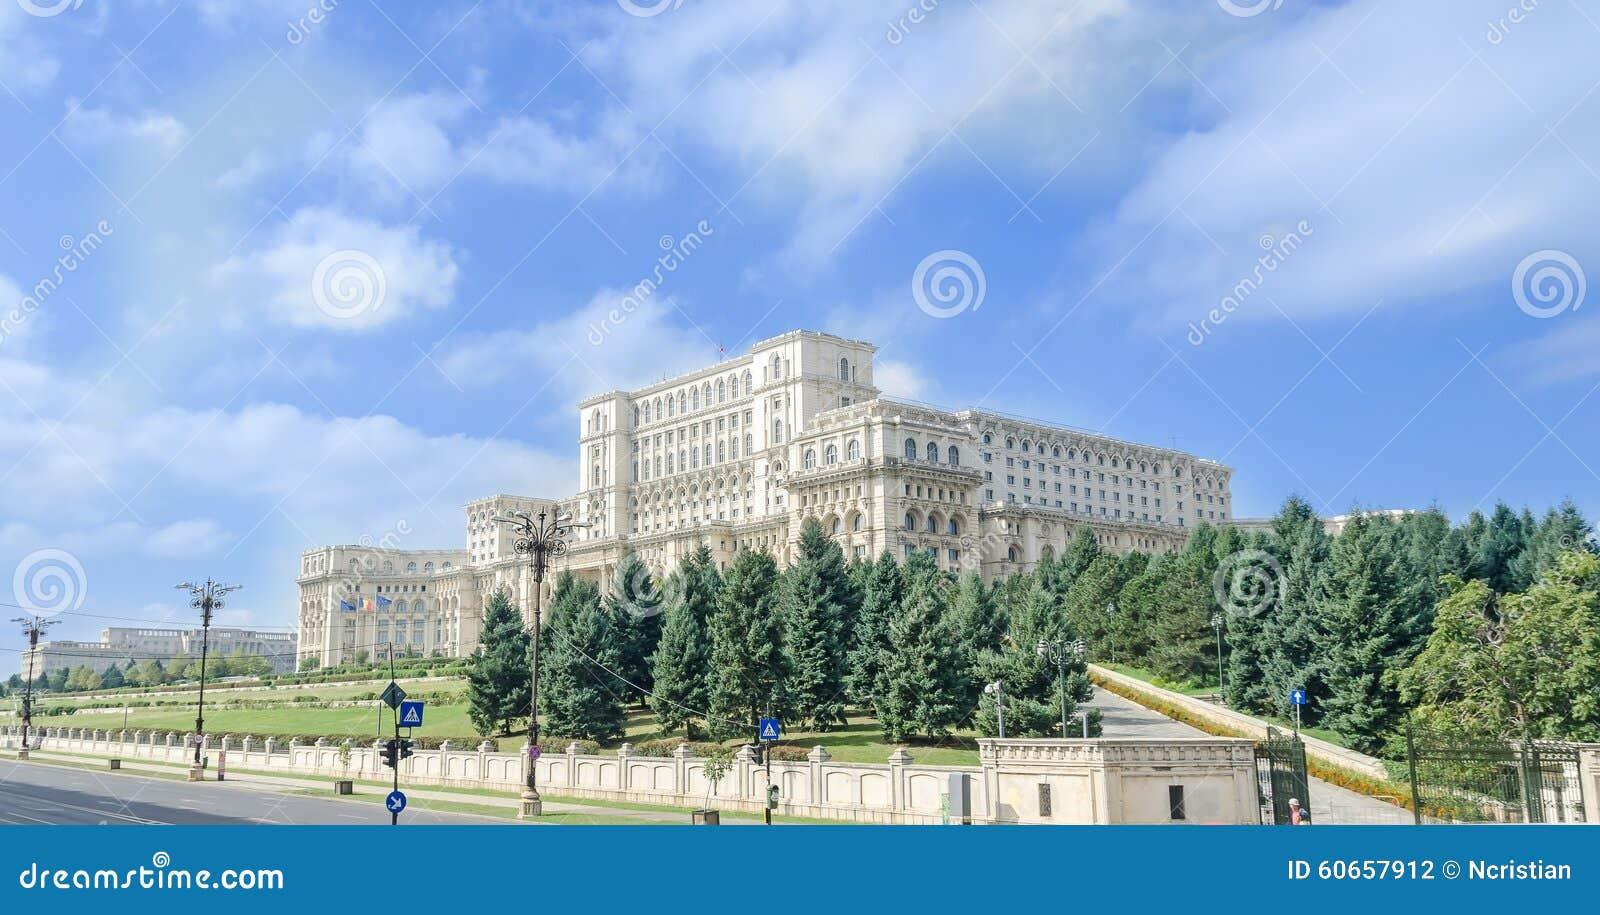 Το κτήριο κάλεσε Casa Poporului (σπίτι των ανθρώπων), το τετραγωνικό Piata Constitutiei bucharest romania